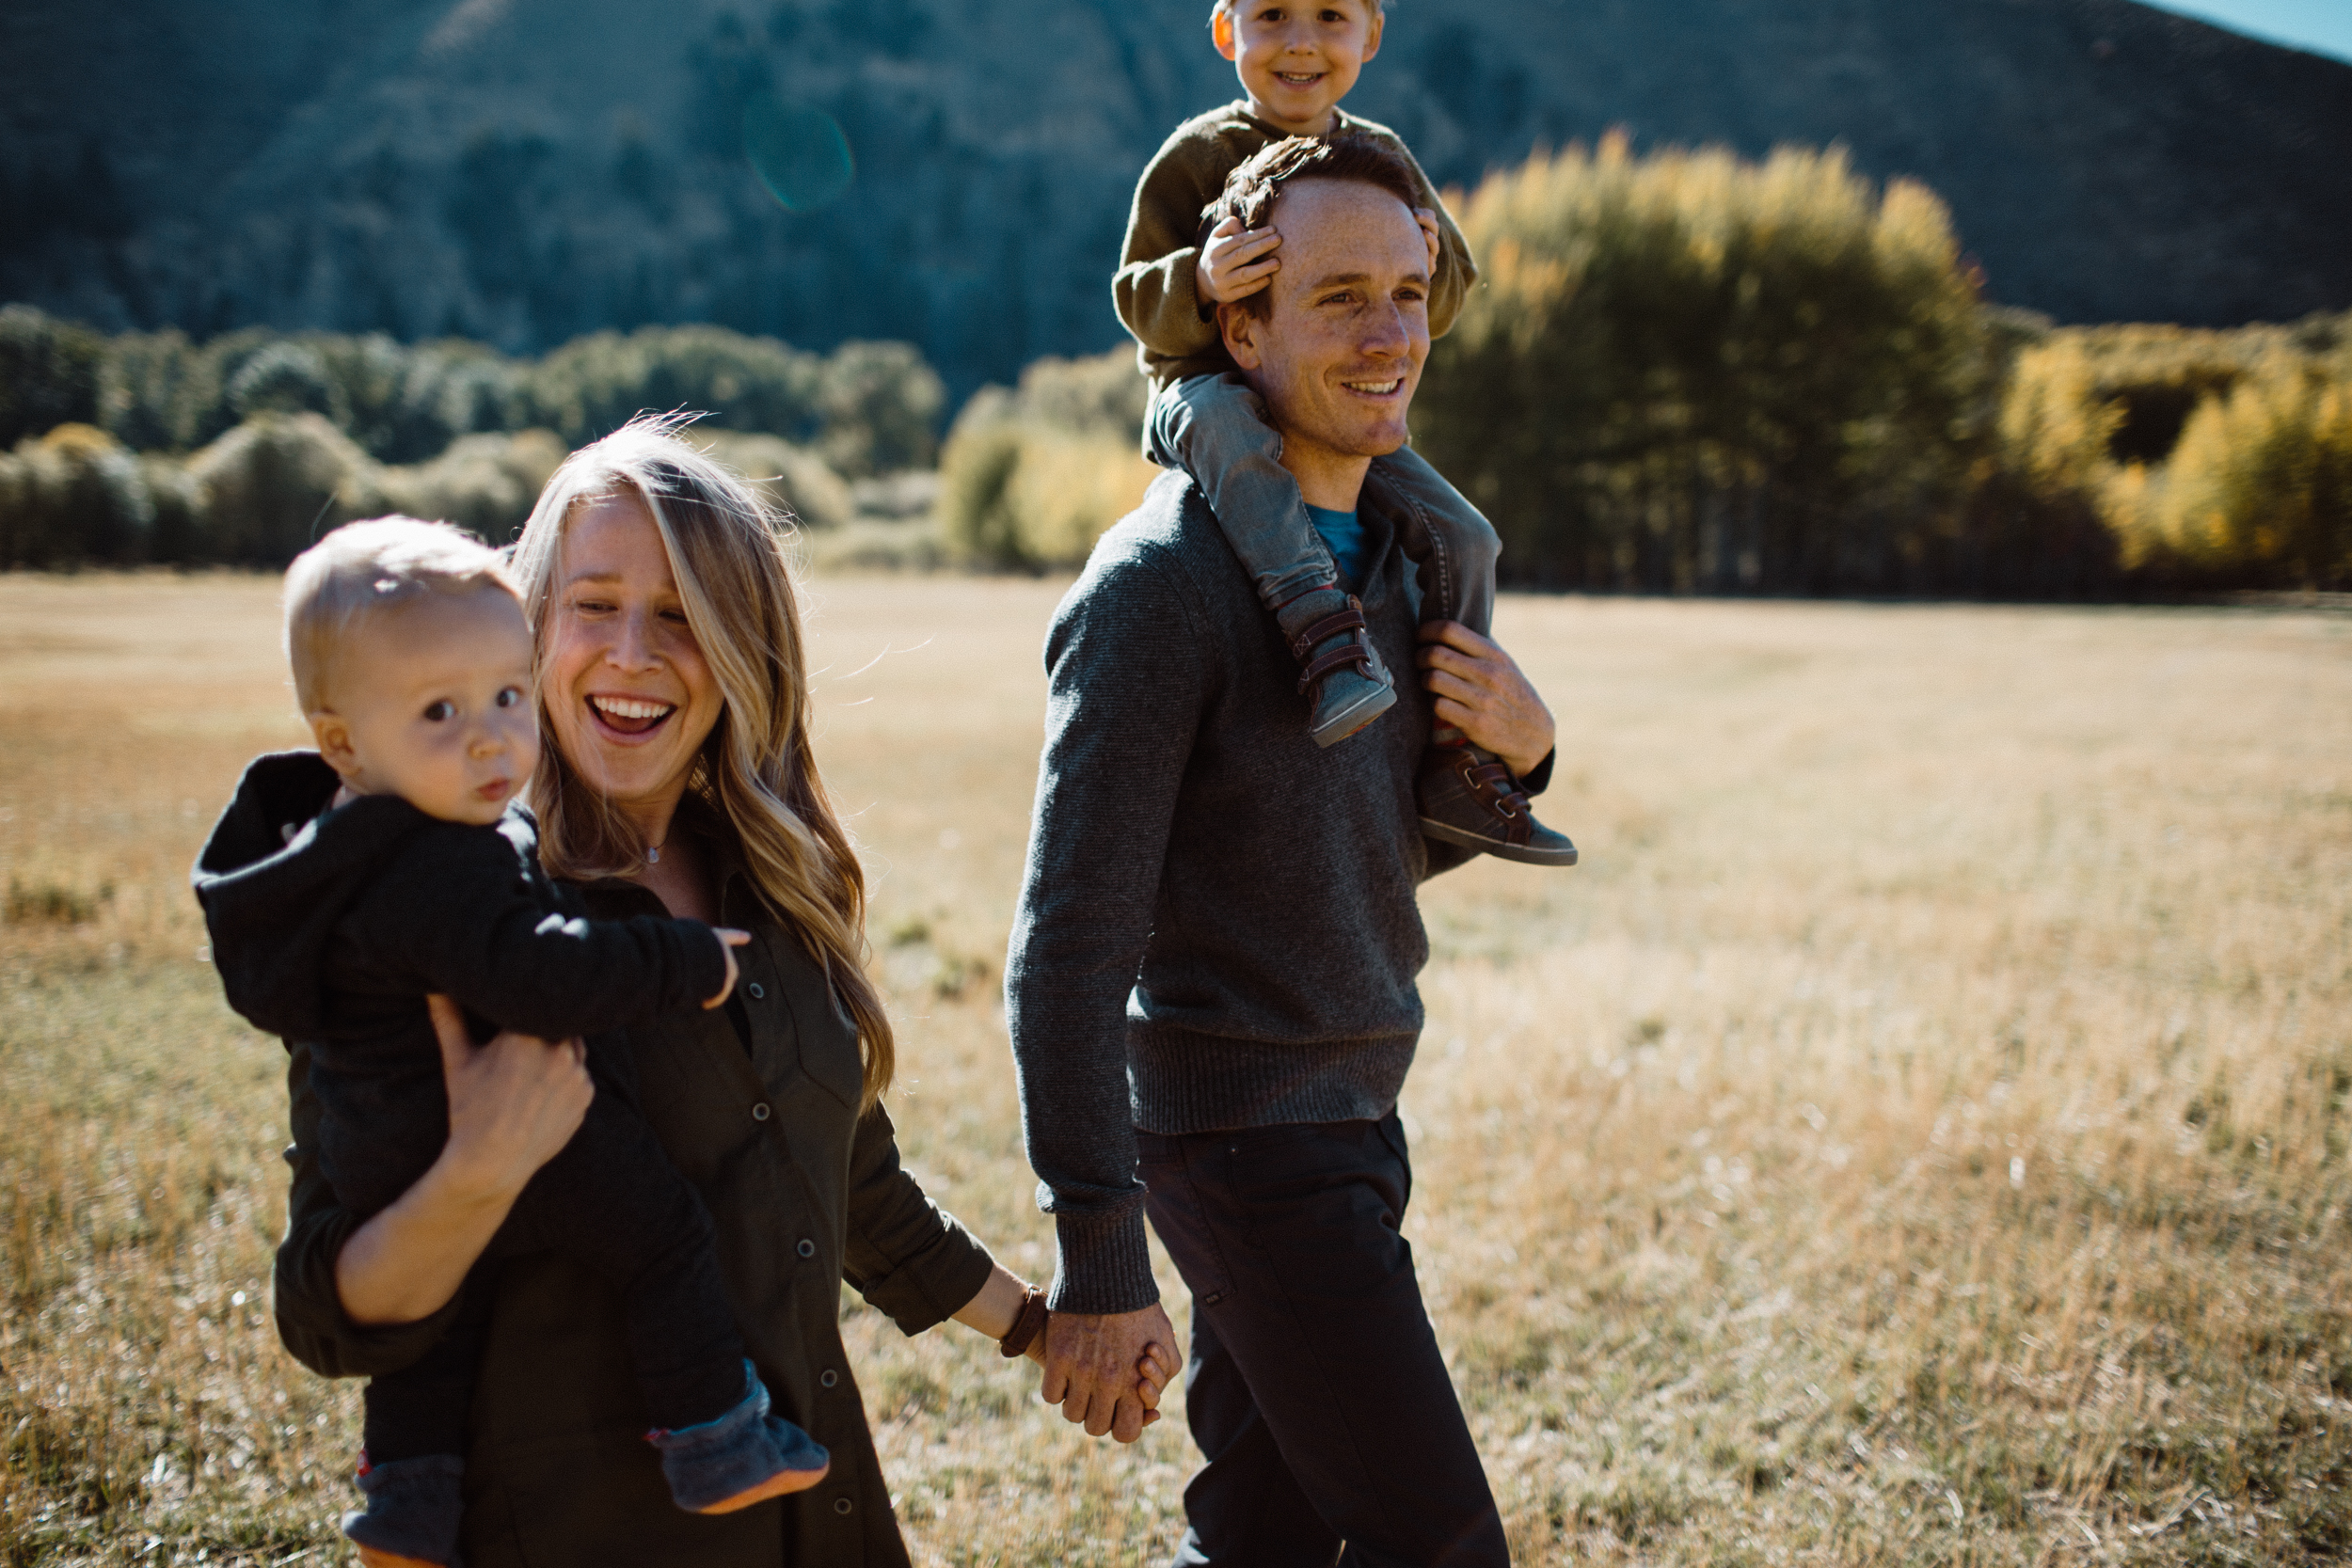 walkerfamily-Sunvalleyfallfamilyphotos-5.jpg